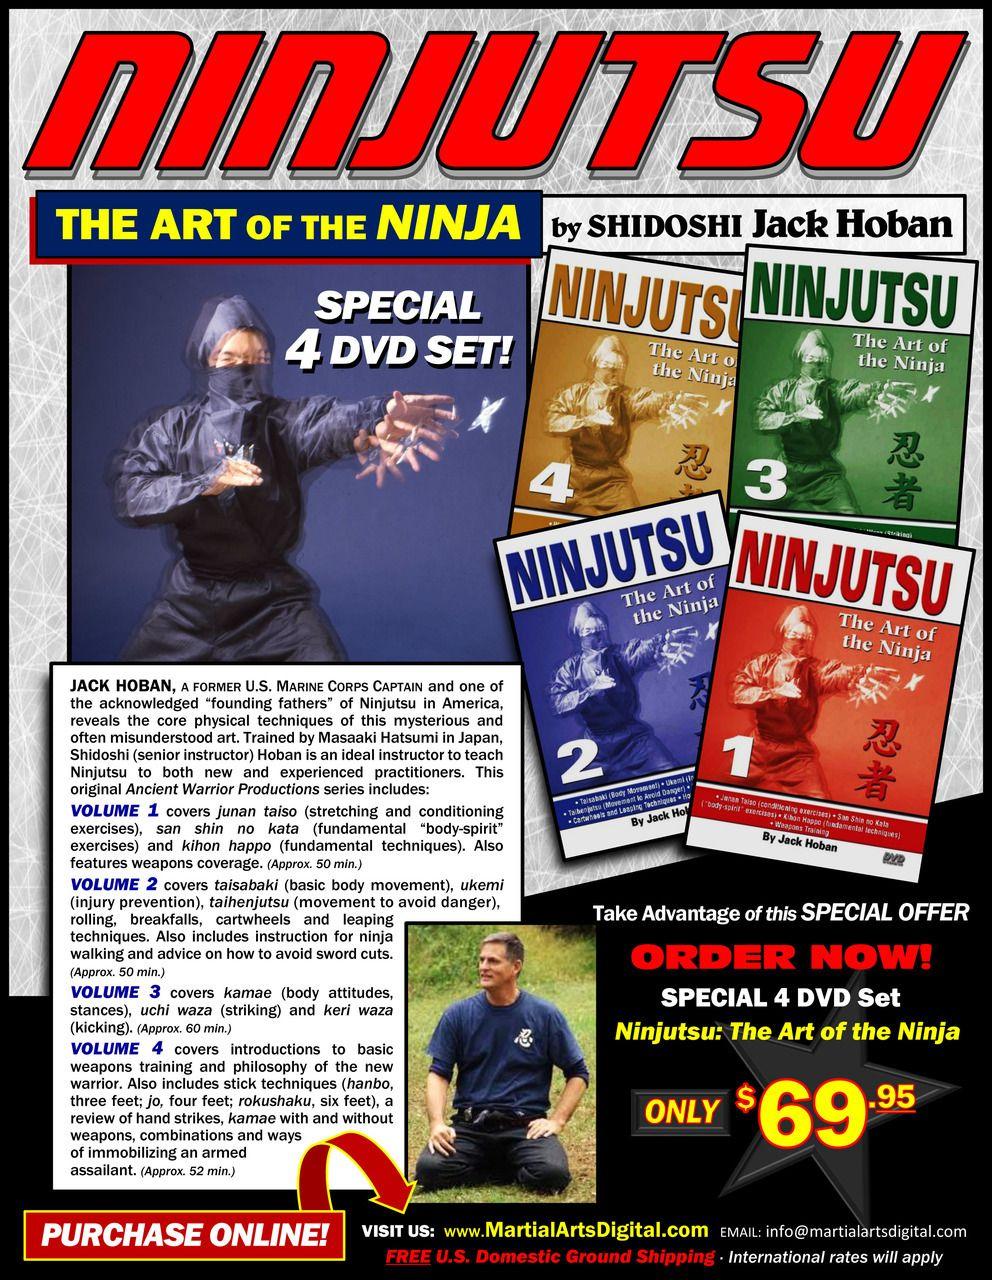 Ninjutsu special 4 dvd set Martial arts, Martial arts